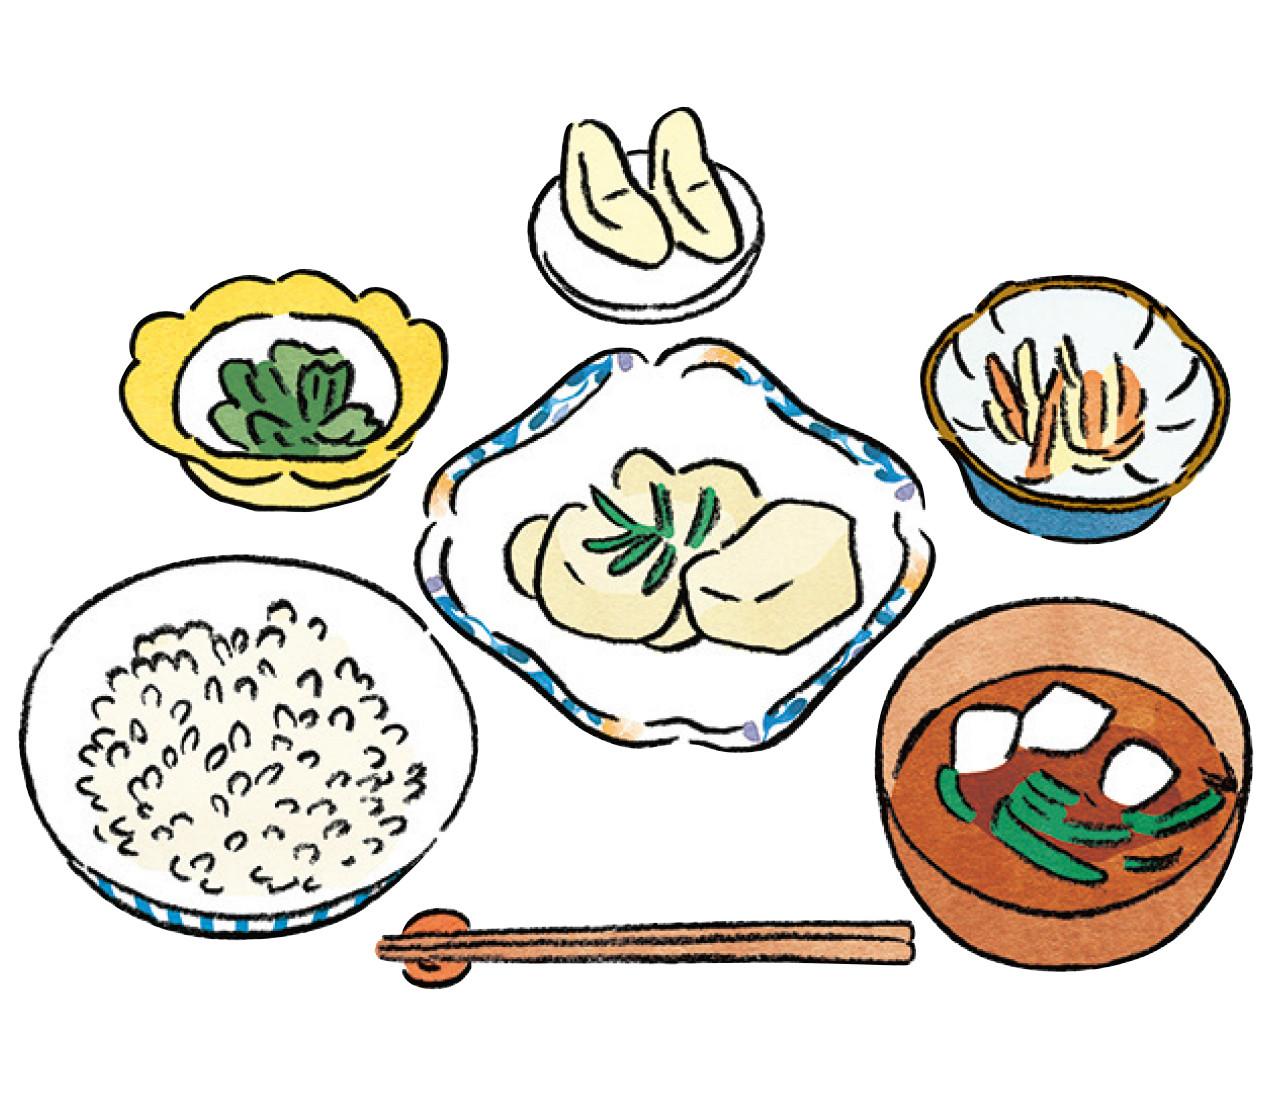 【デブ腸からやせ腸になる方法3】便秘解消や糖質制限ダイエット、この方法でやせ腸に!